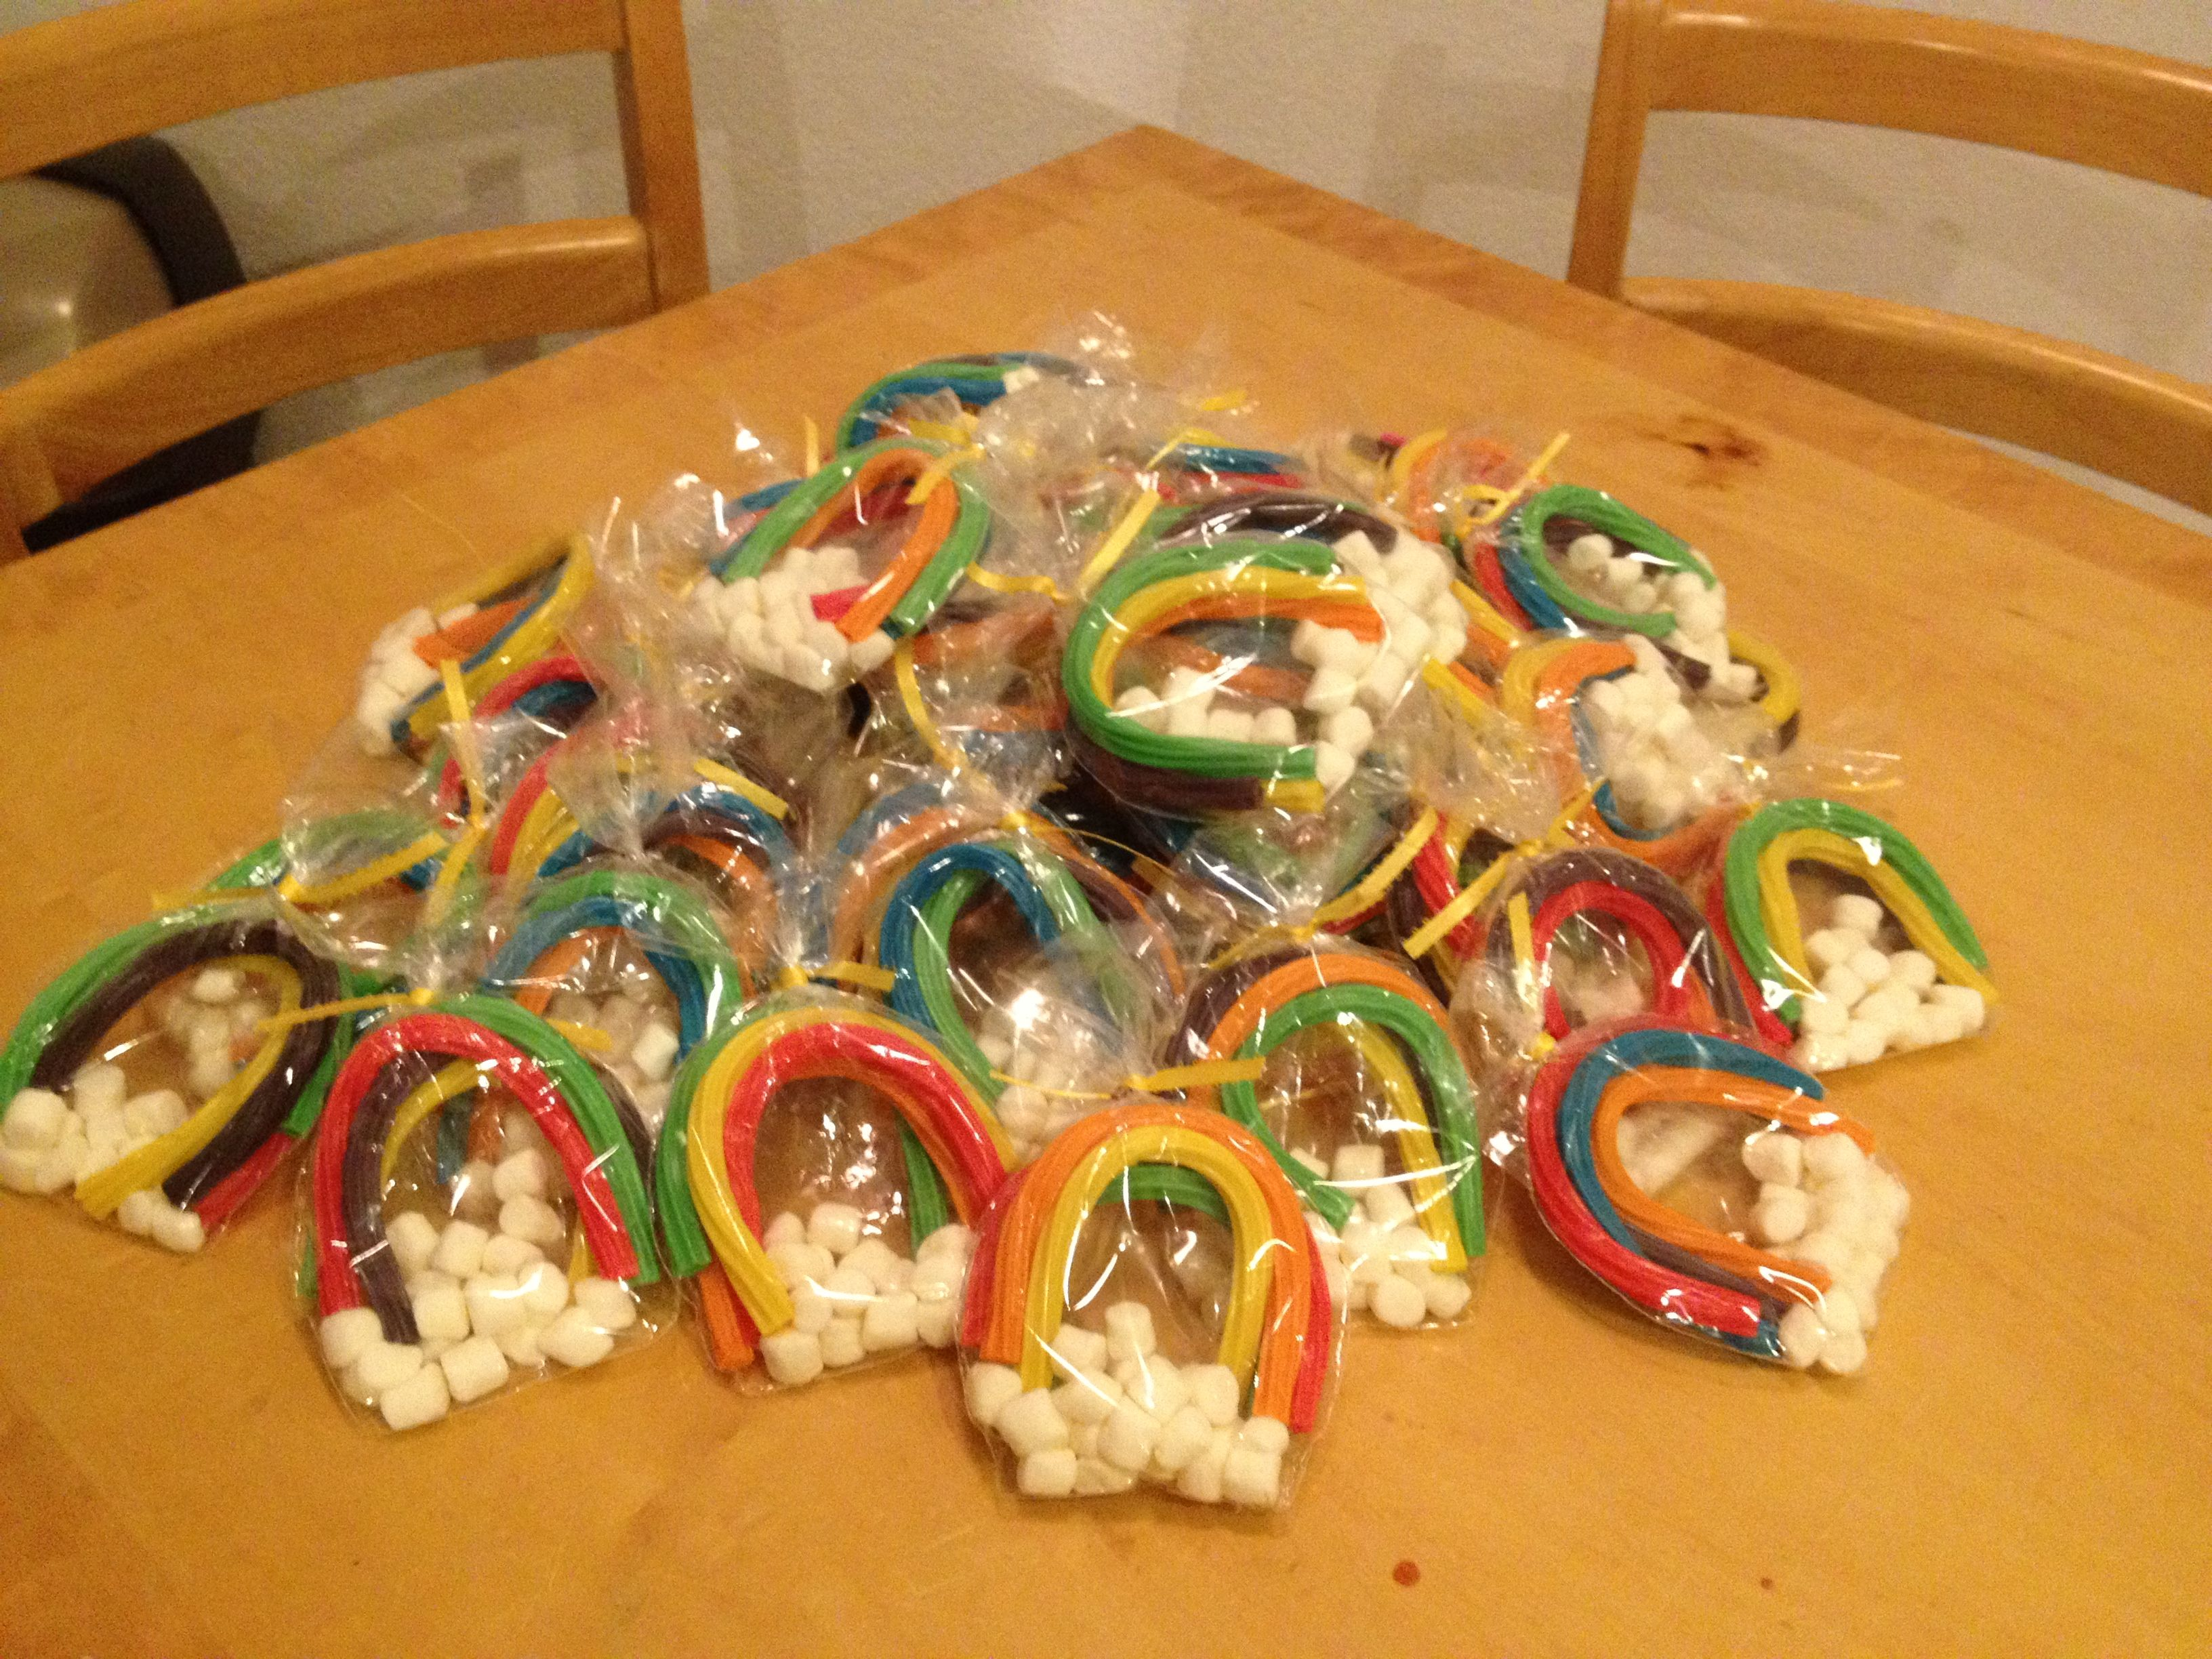 Best crafts for 8 yr old girl - Diy